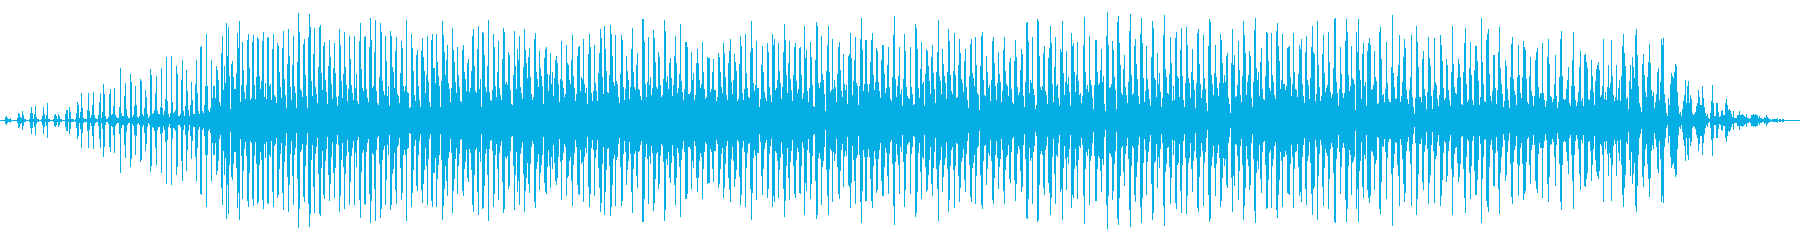 小型シェーカー:ハード、高速ラトル...の再生済みの波形